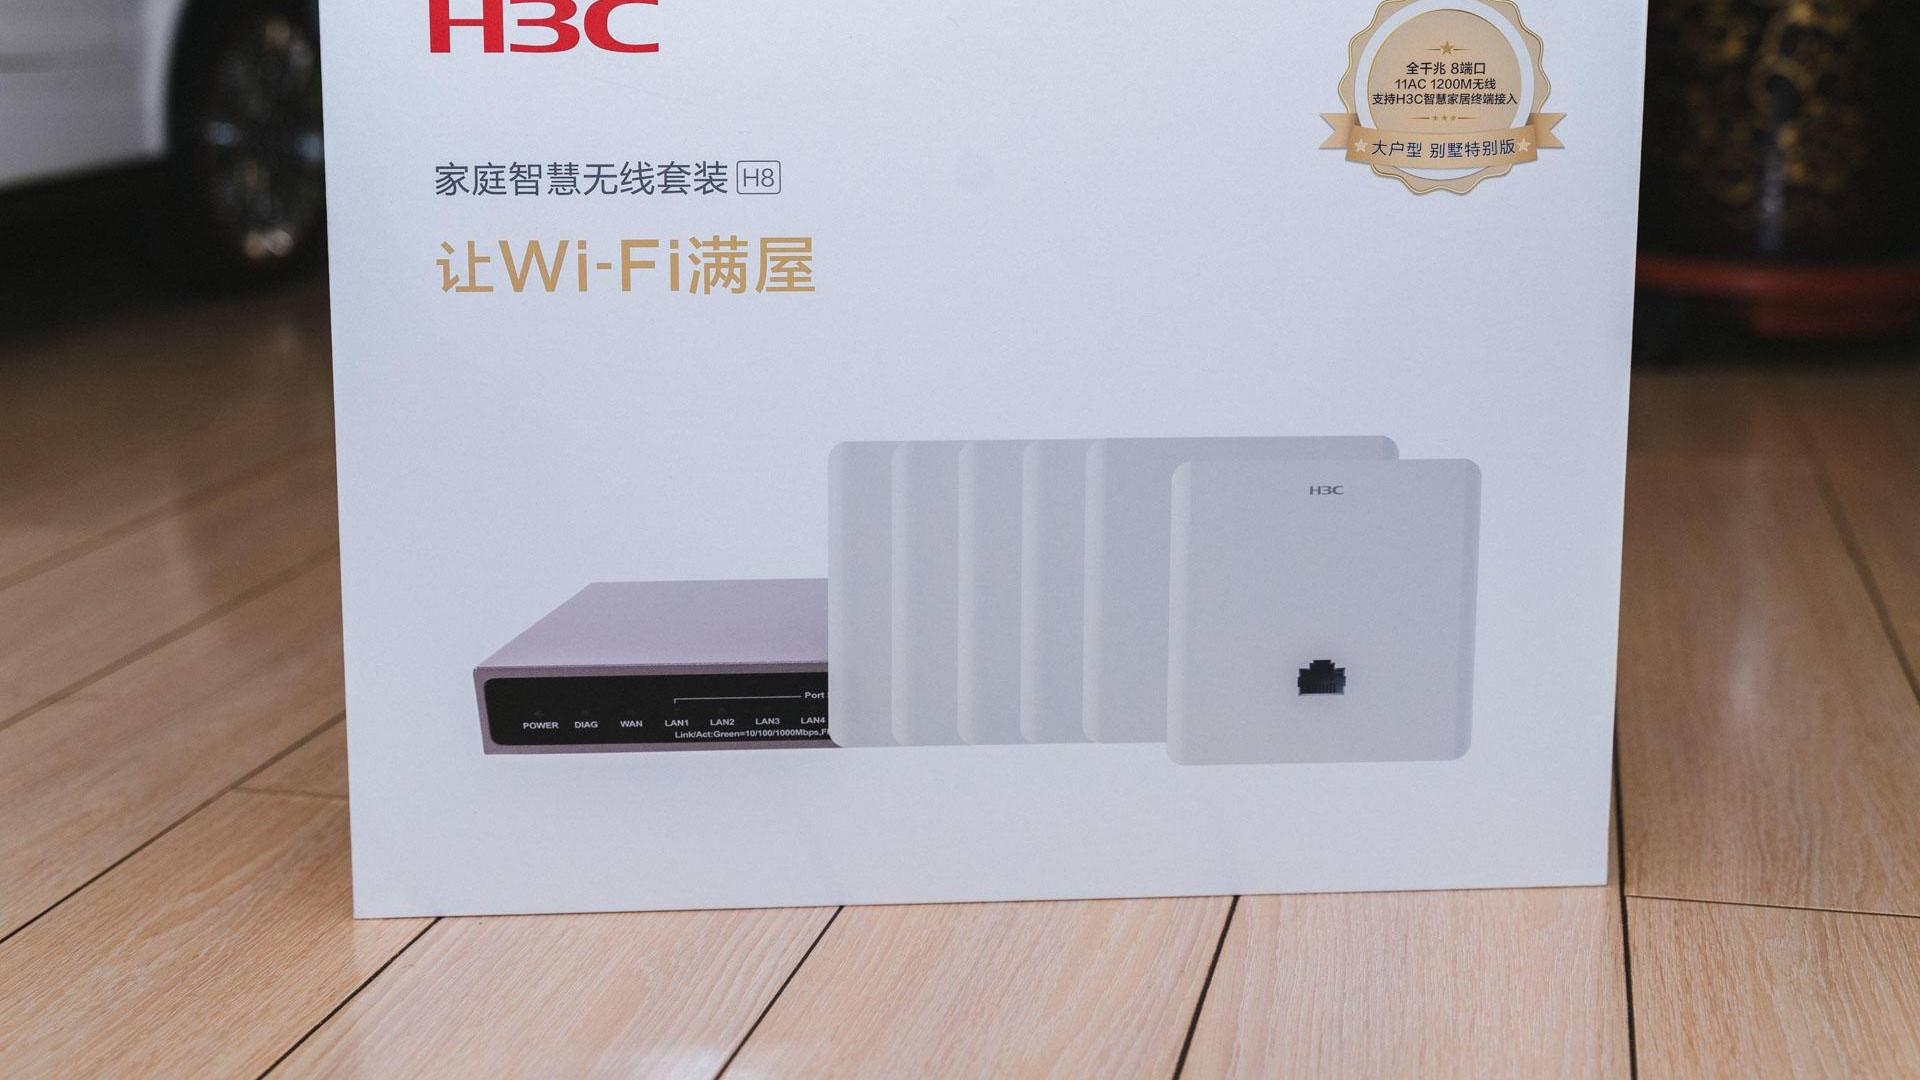 让WiFi满屋,H3C家庭智慧无线套装评测